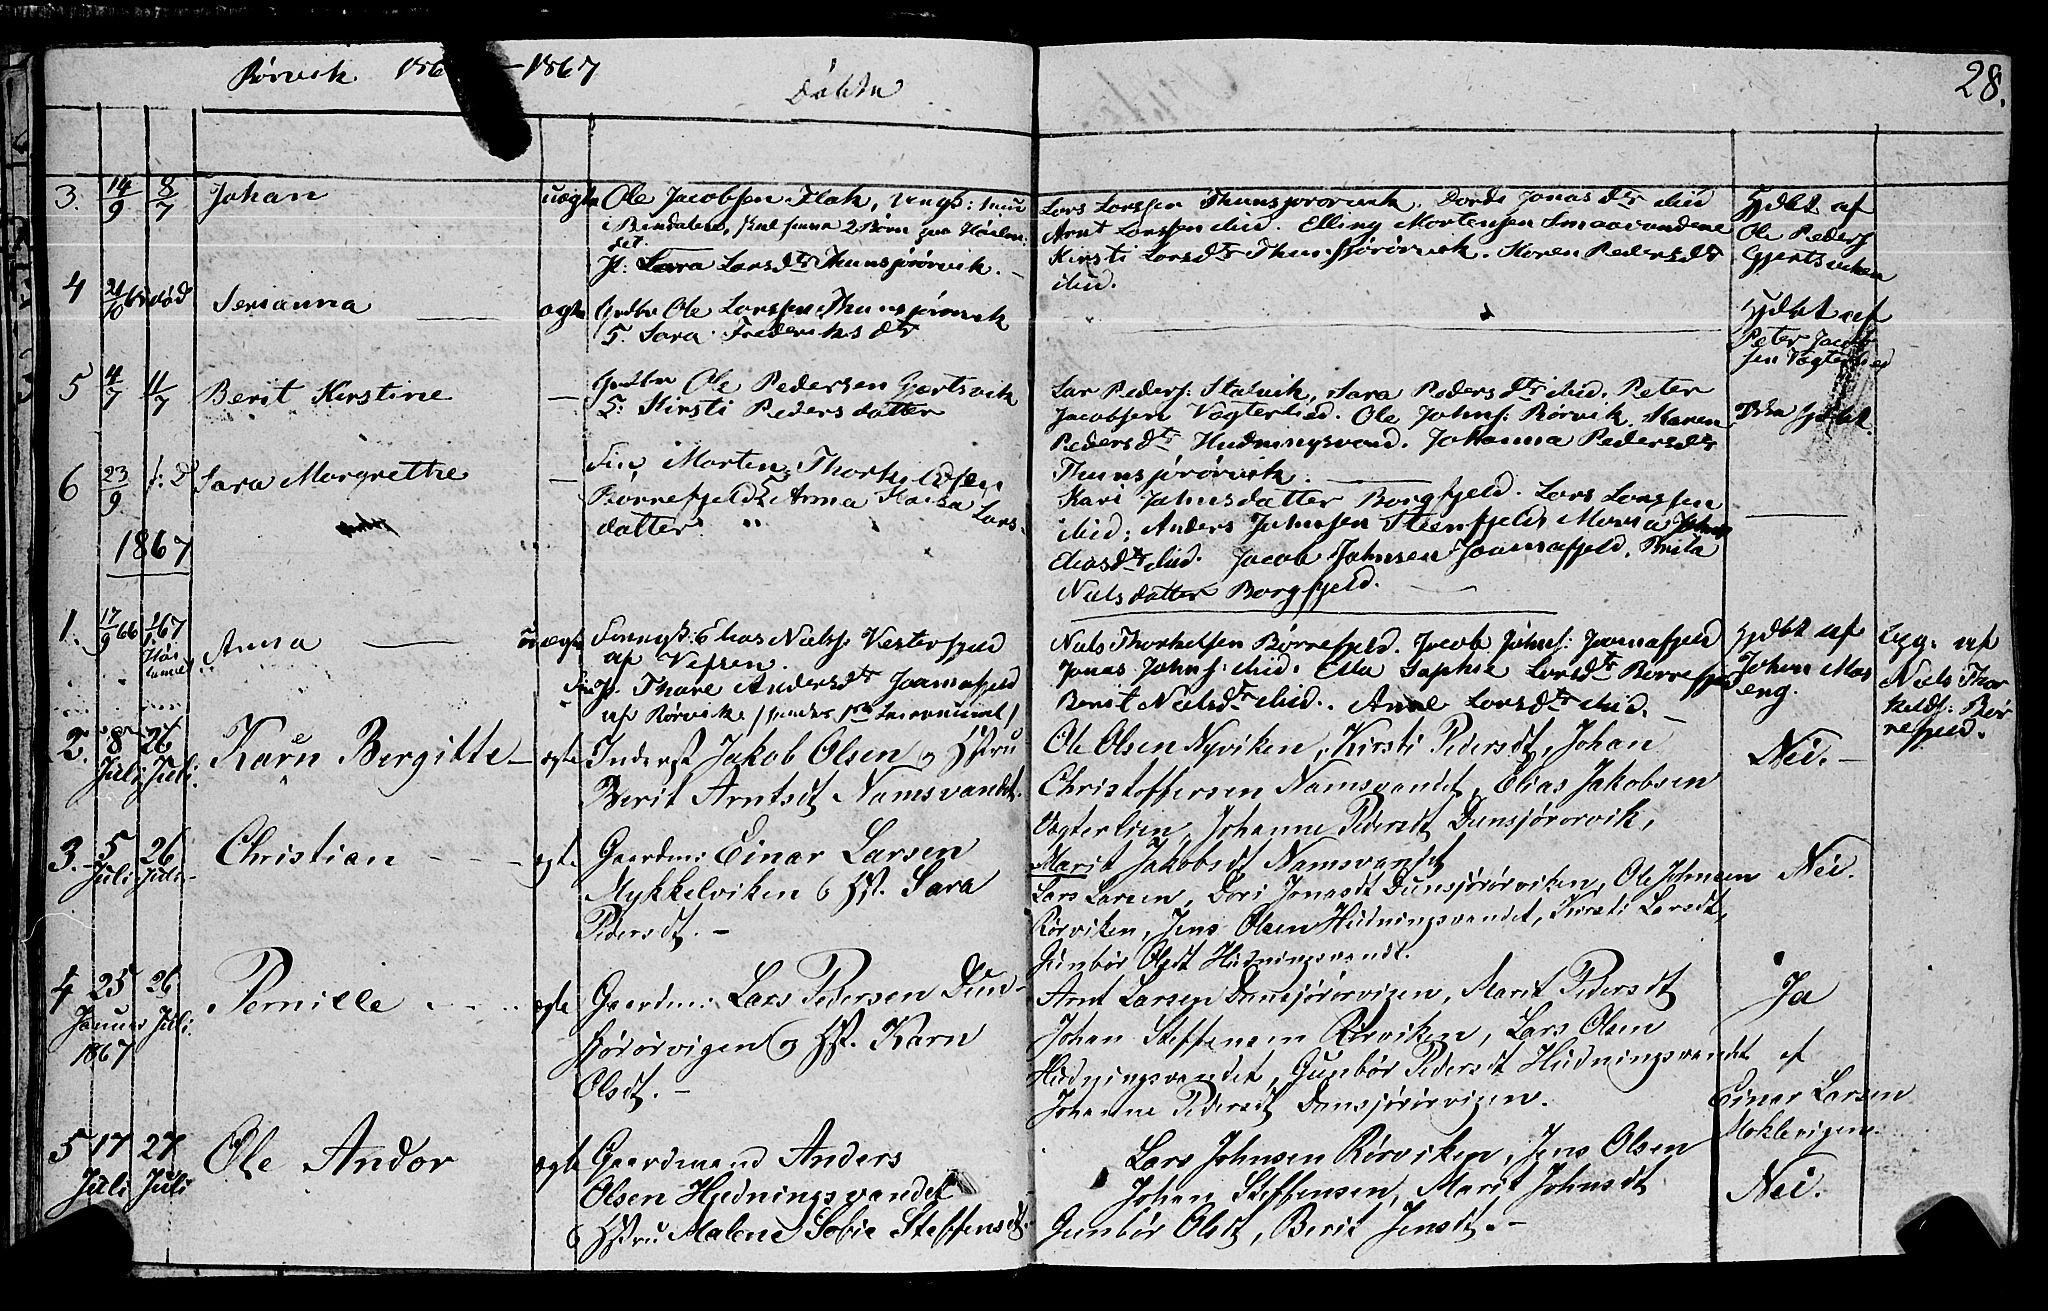 SAT, Ministerialprotokoller, klokkerbøker og fødselsregistre - Nord-Trøndelag, 762/L0538: Ministerialbok nr. 762A02 /1, 1833-1879, s. 28